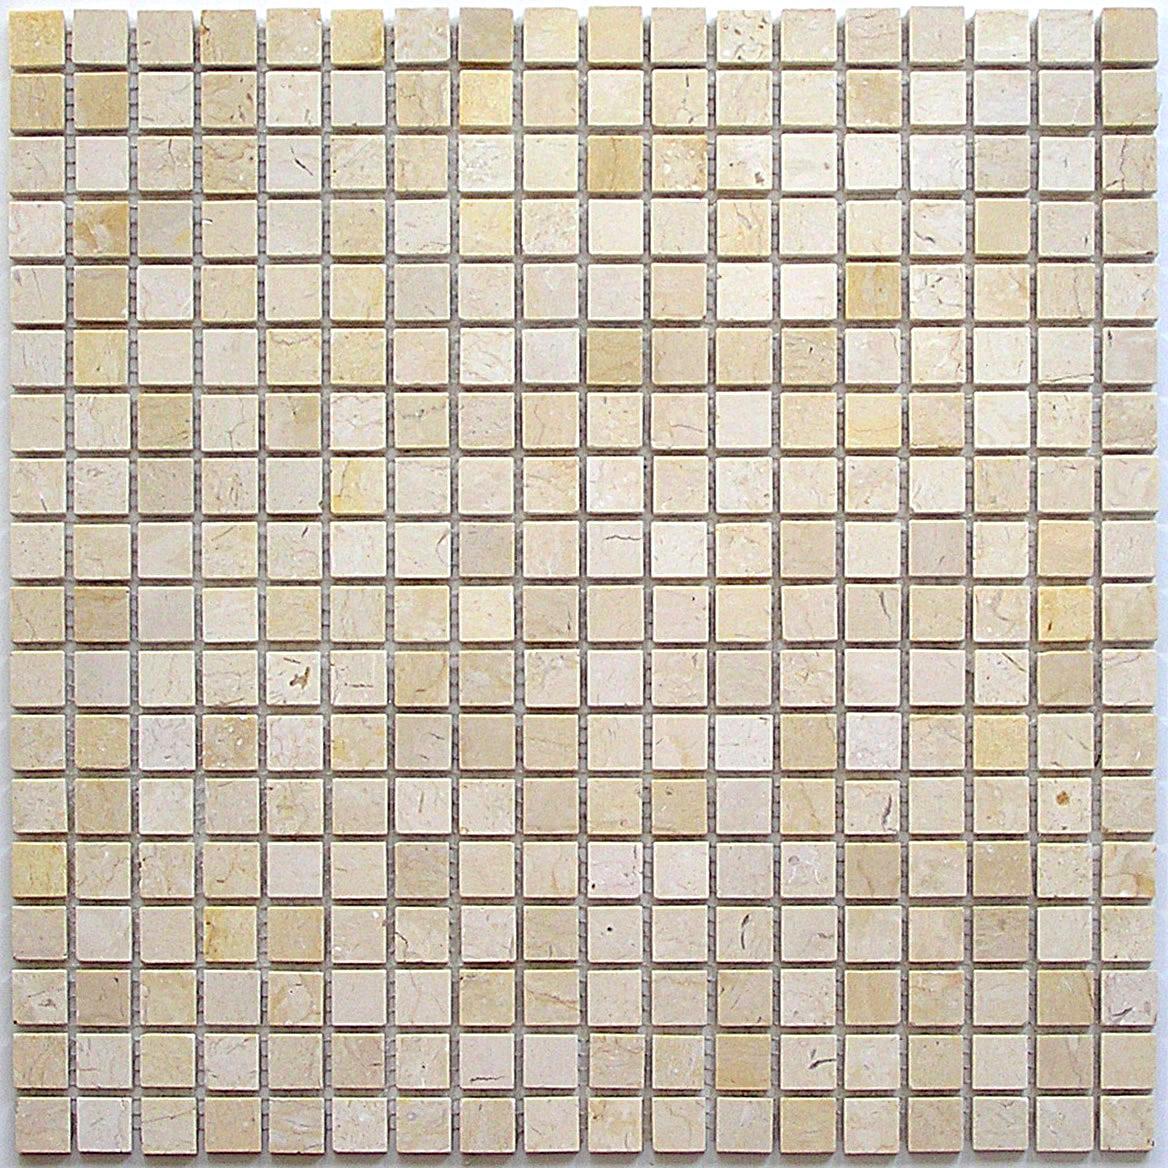 Купить Керамическая плитка China Mosaic Sorento 15 slim (pol) (4x15x15) Мозаика 30, 5x30, 5, Китай